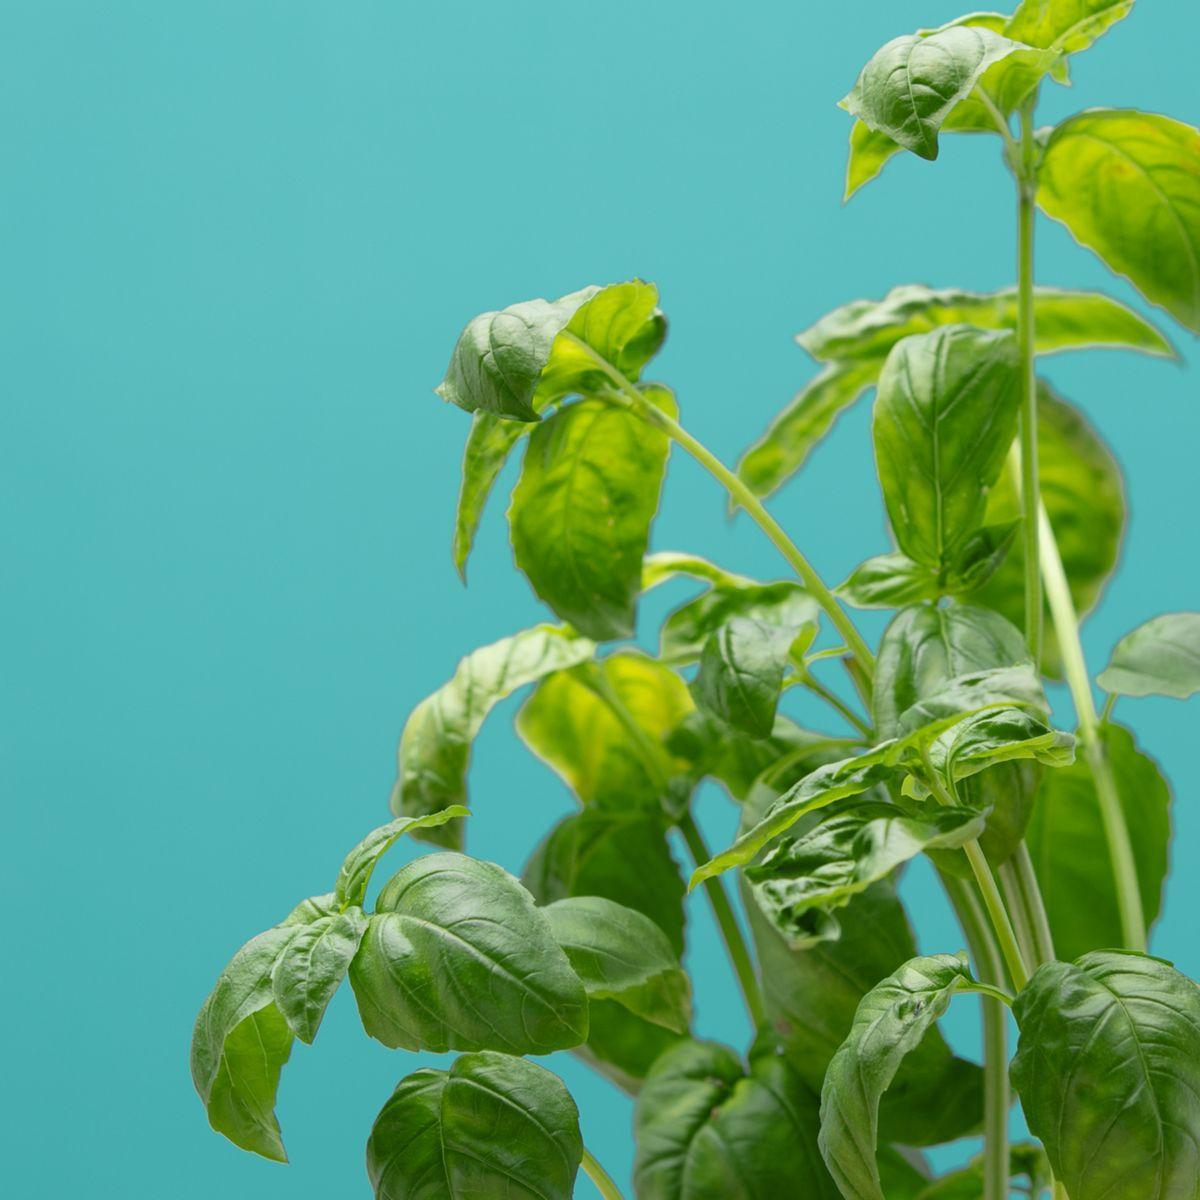 Recharge jardin int�rieur pret a pousser basilic grand vert (photo)